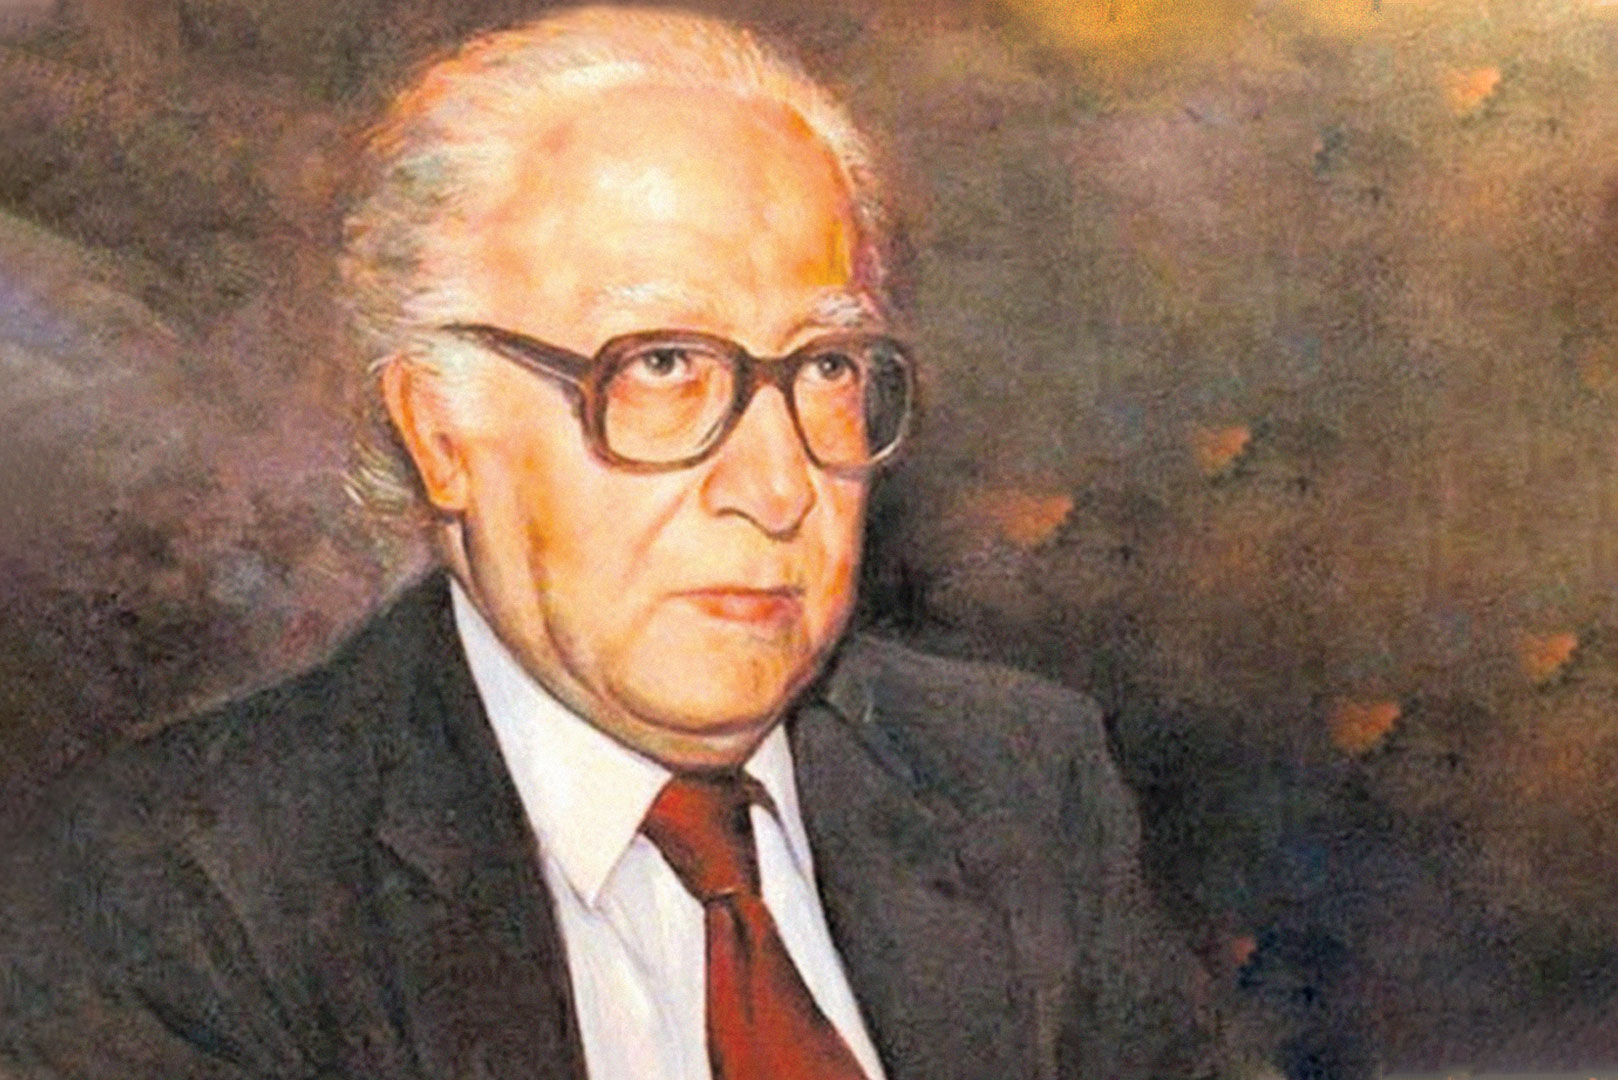 سيرة جبرا إبراهيم جبرا، وبعض كتبه